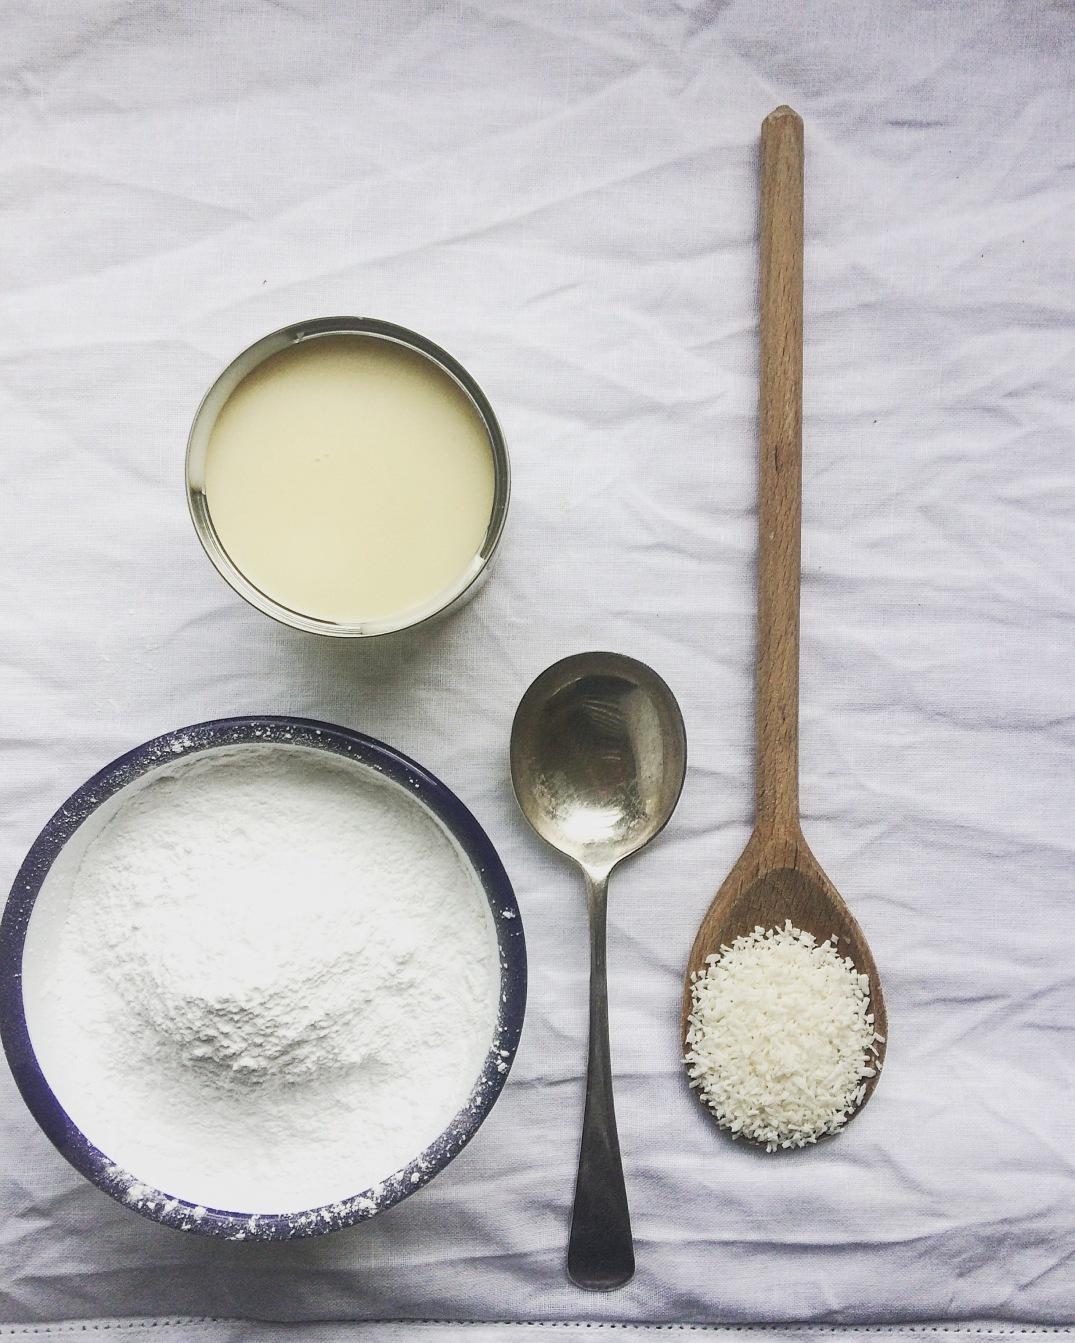 Ingredients - Sky Meadow Bakery blog